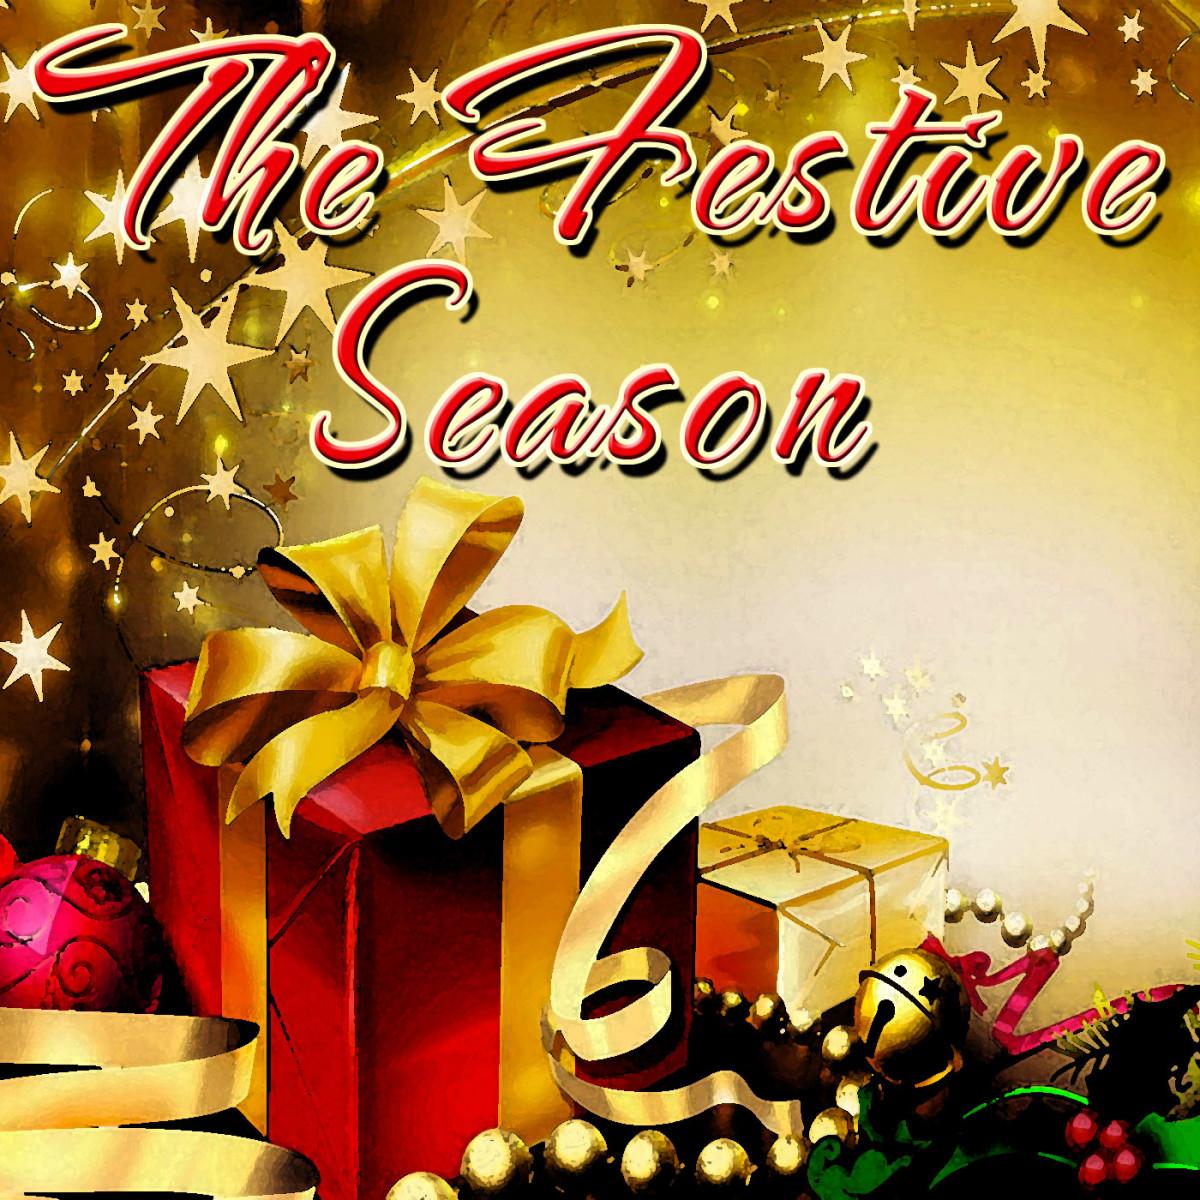 Festive Season-Respect